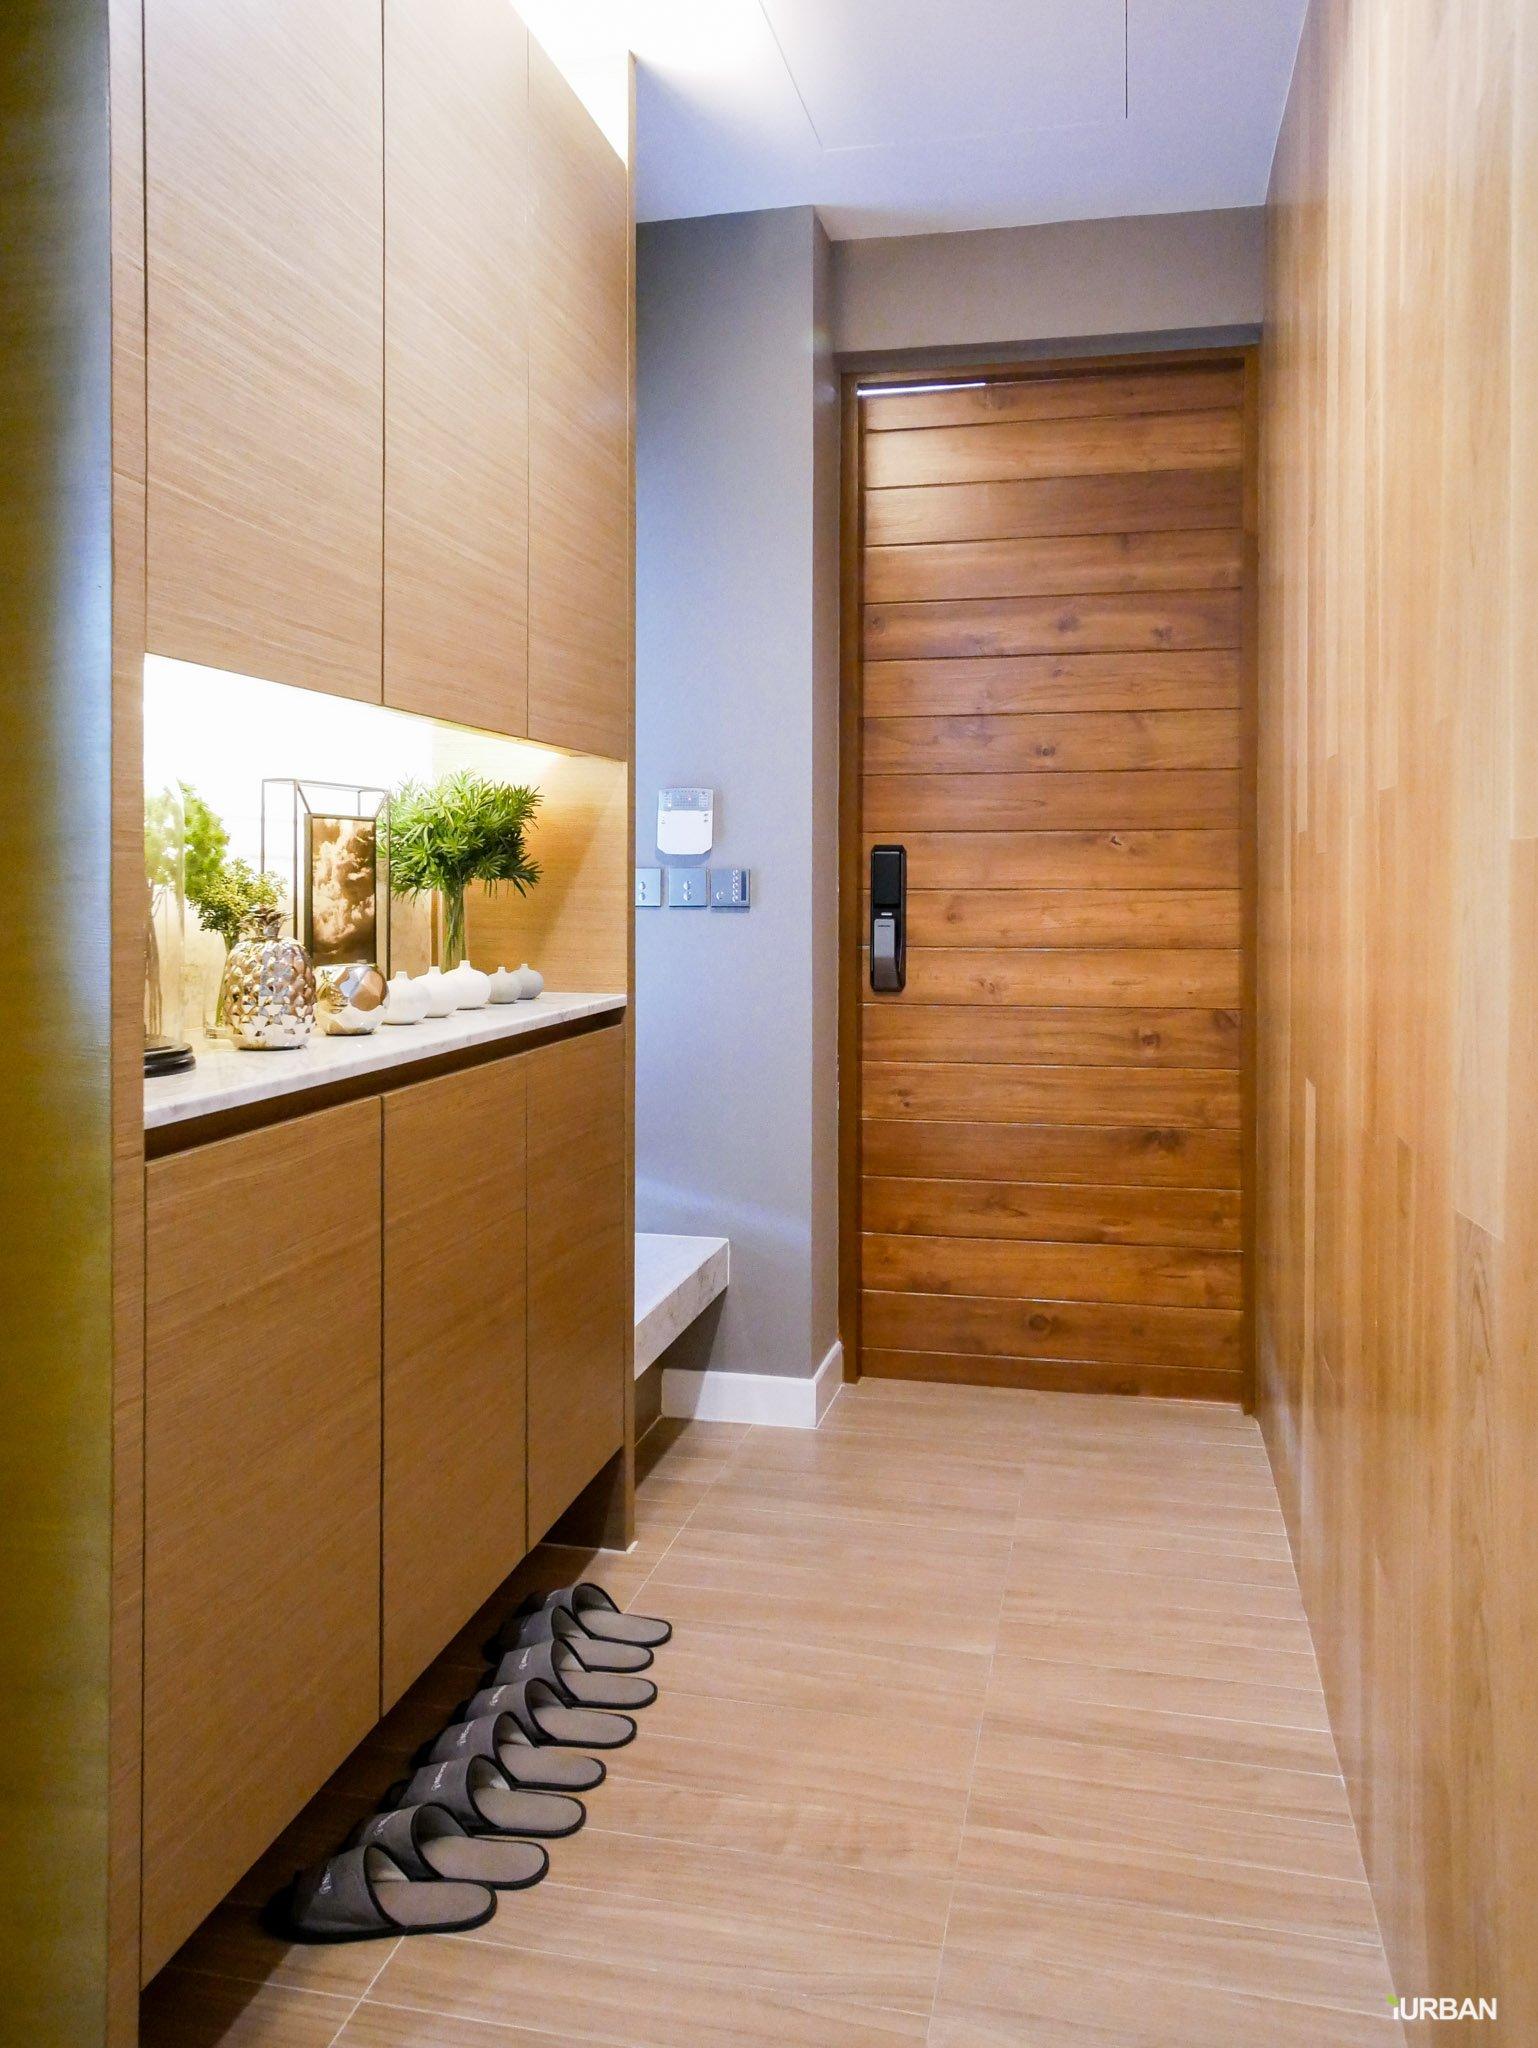 รีวิว Nirvana Beyond พระราม 2 บ้านที่ออกแบบทุกดีเทลเพื่อความสุขทุก GEN ของครอบครัวใหญ่ 30 - Beyond